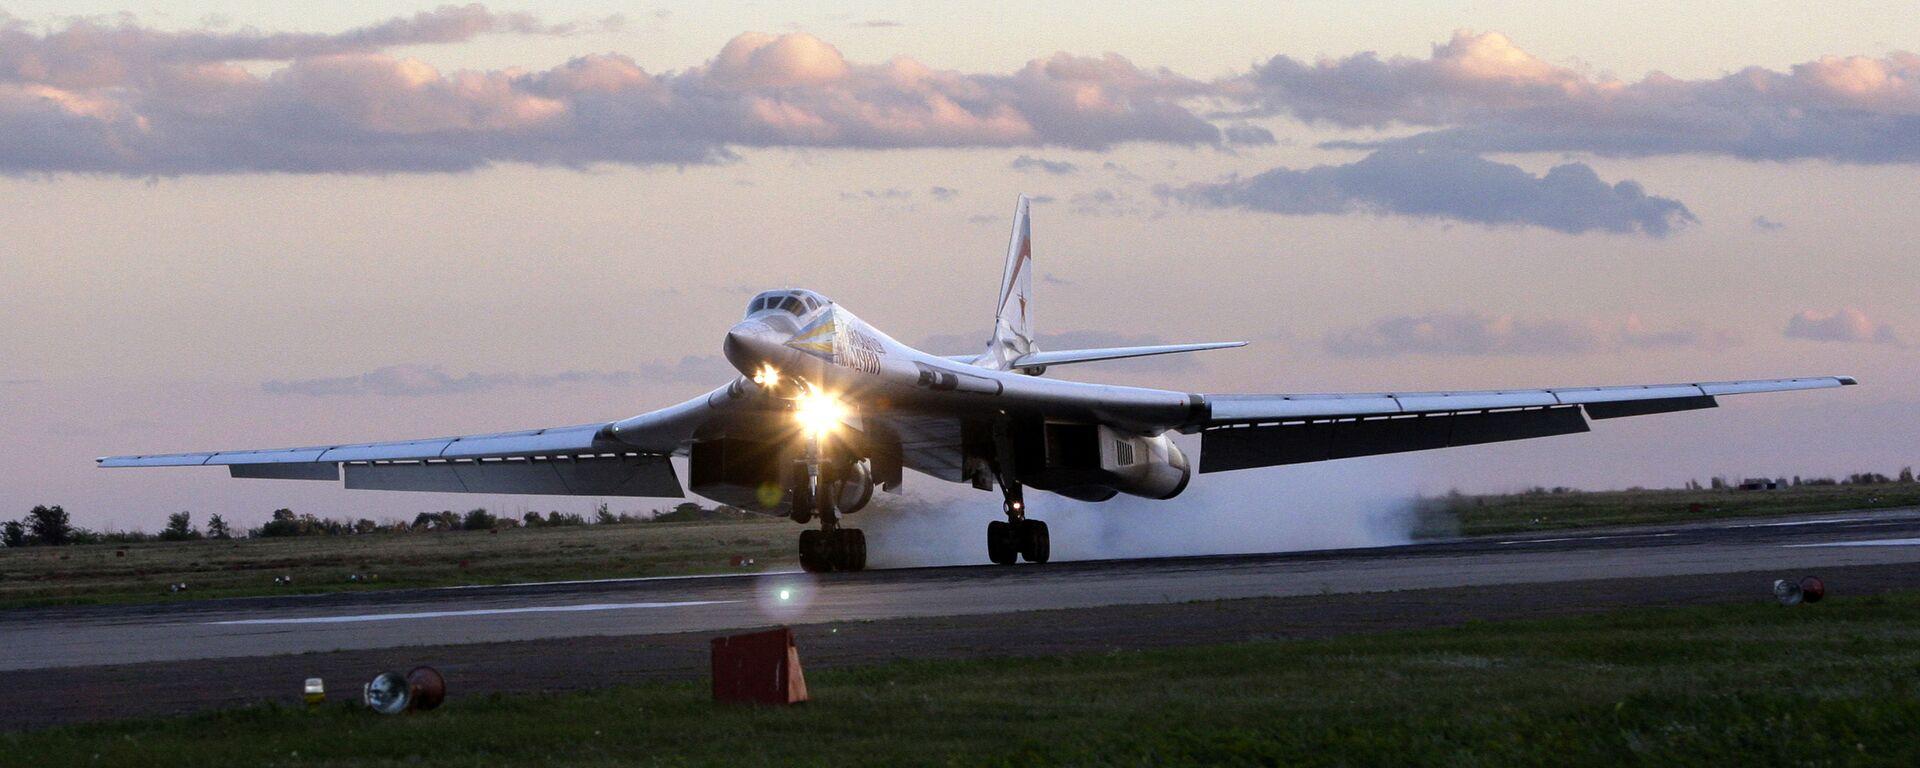 El bombardero estratégico ruso Túpolev Tu-160 - Sputnik Mundo, 1920, 20.02.2021